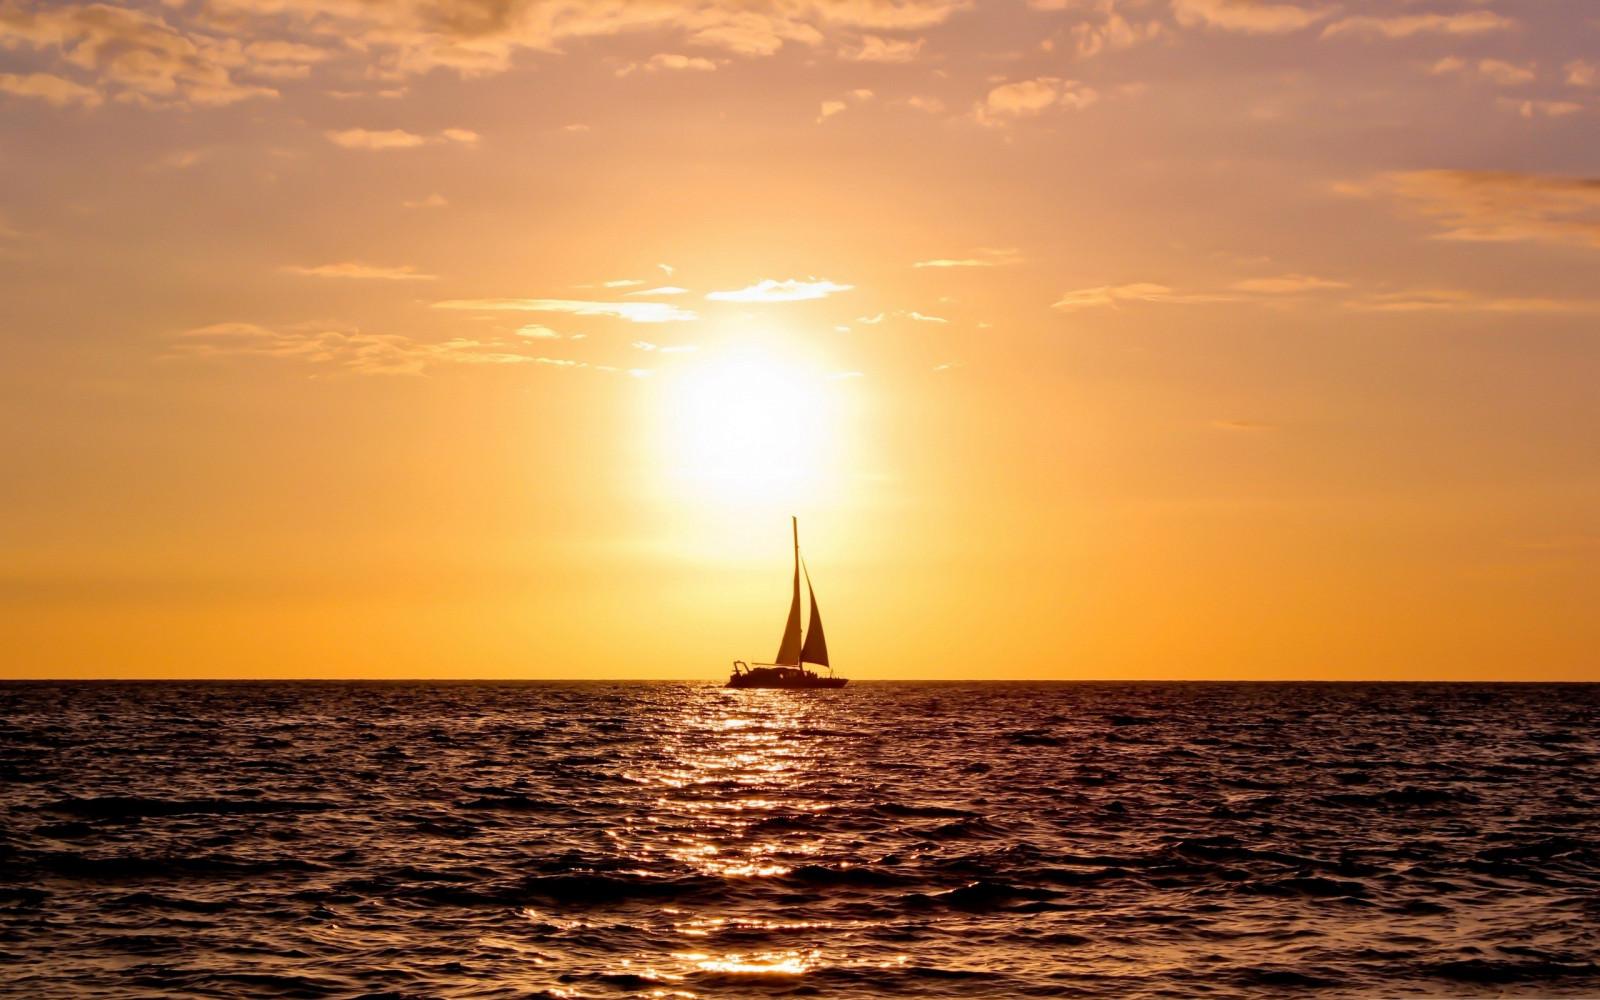 luz de sol velero puesta de sol mar agua apuntalar cielo fotografía amanecer calma noche Mañana costa Sol viento horizonte oscuridad navegación nube amanecer Oceano ola vela 2560x1600 px resplandor crepuscular Onda de viento